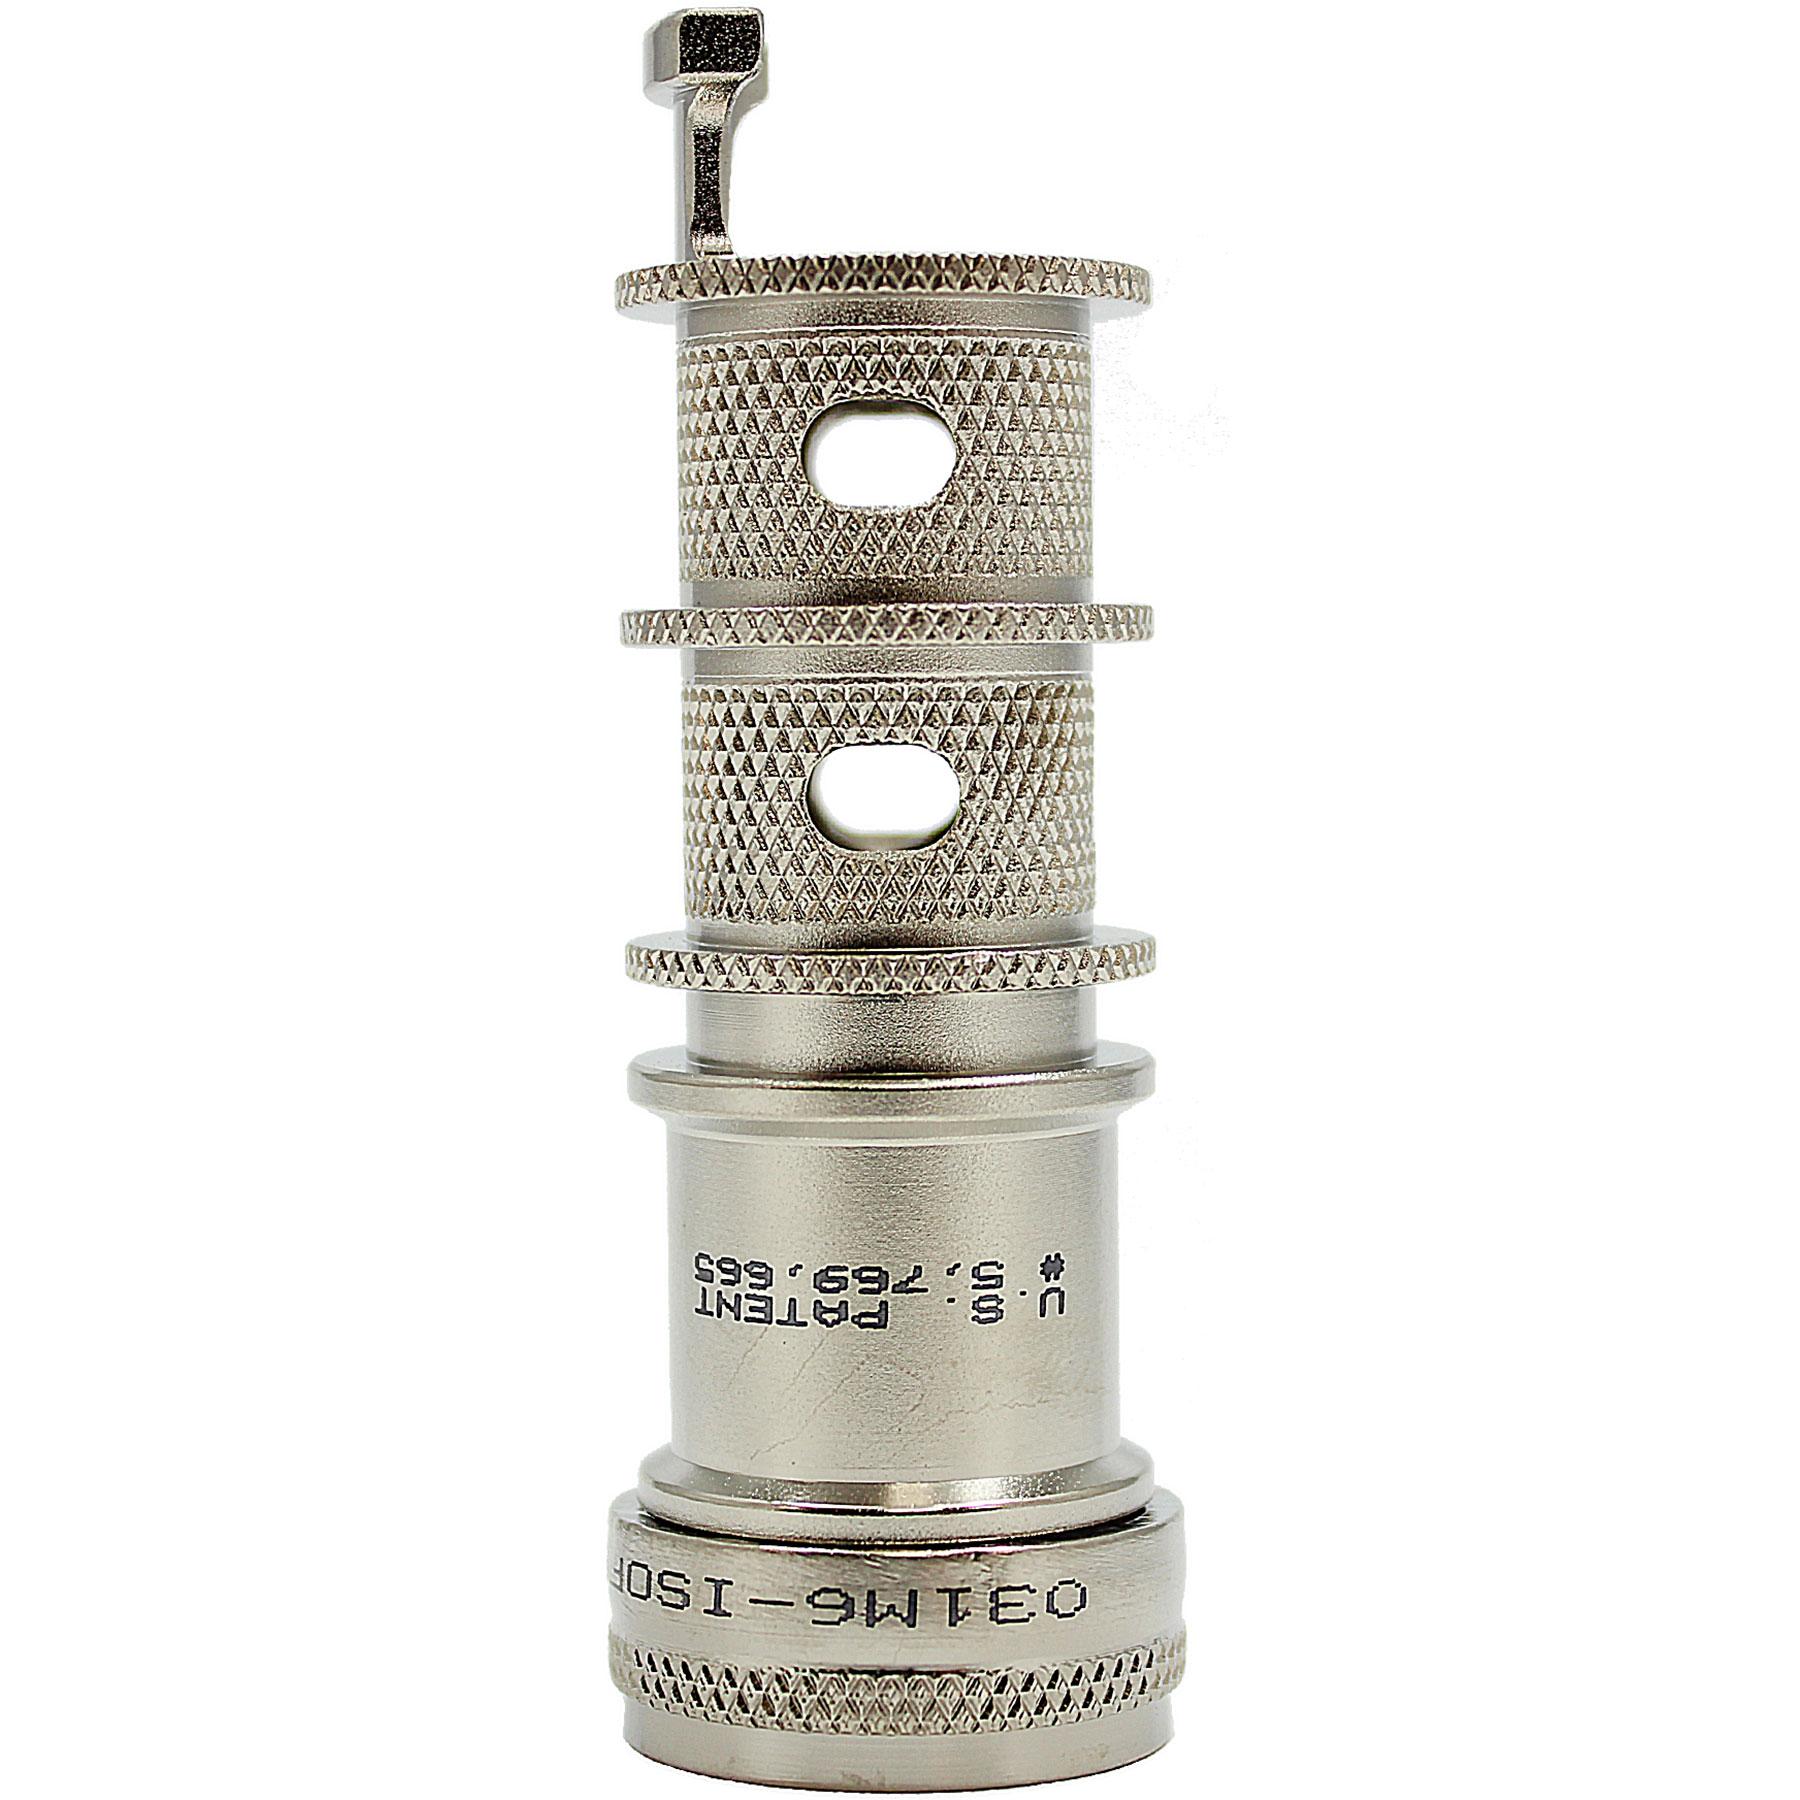 ISOAH165M0801-S